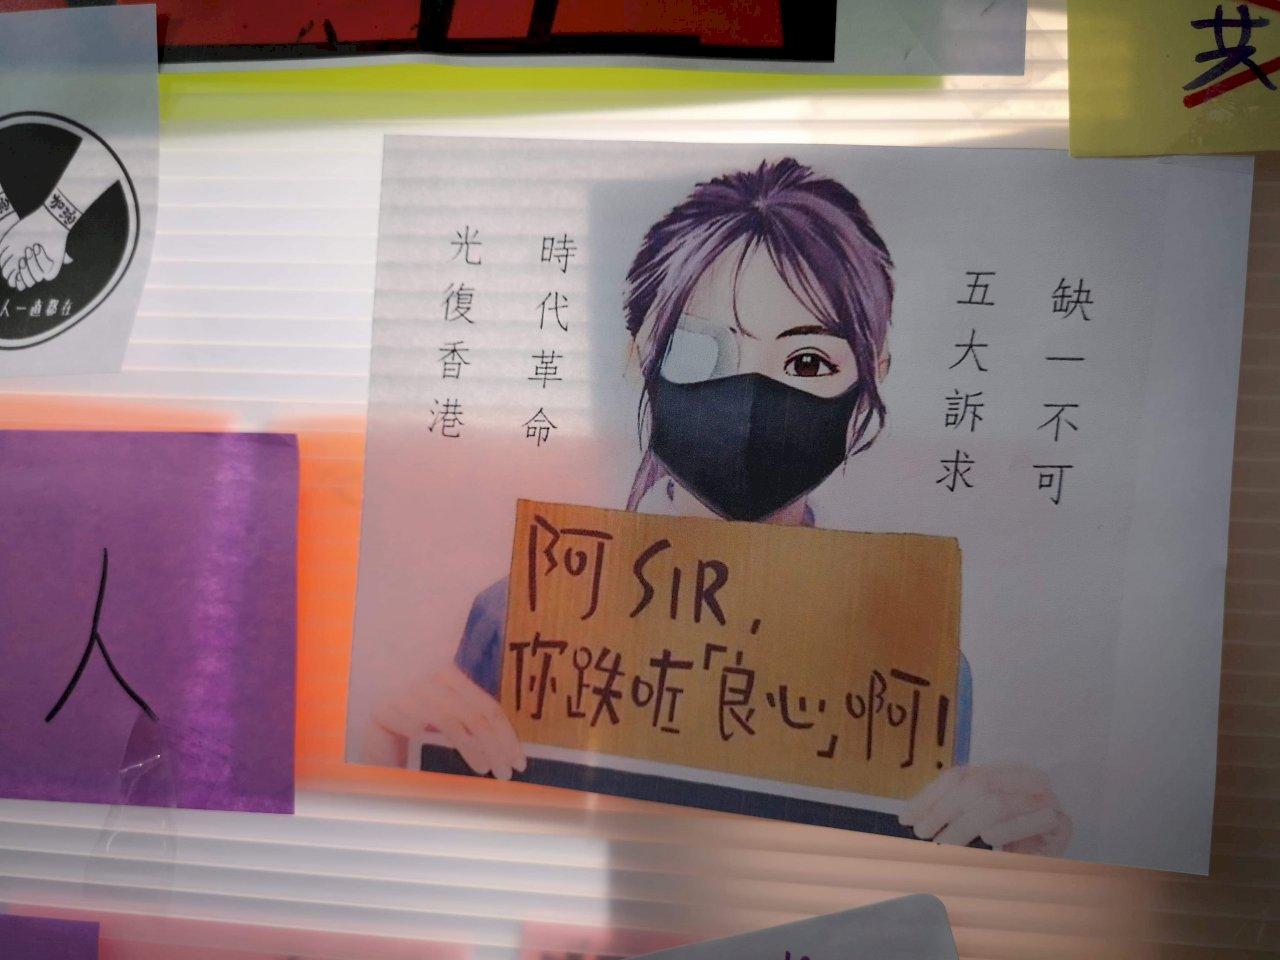 香港婦女團體:67名受訪者稱 遭港警性暴力對待